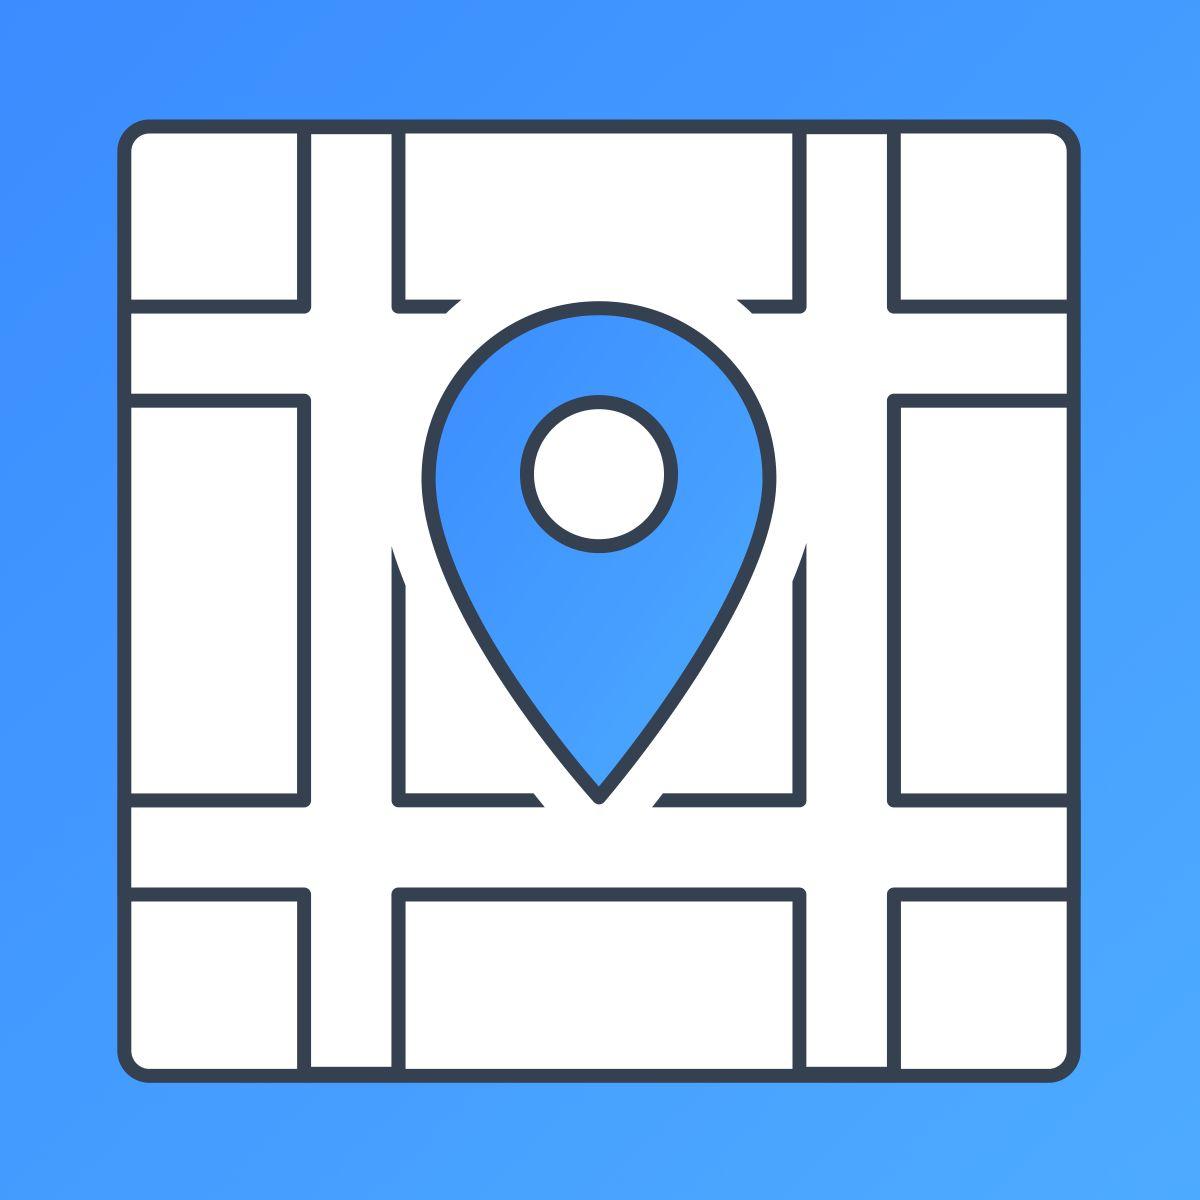 Shopify Google Maps app by Powr.io